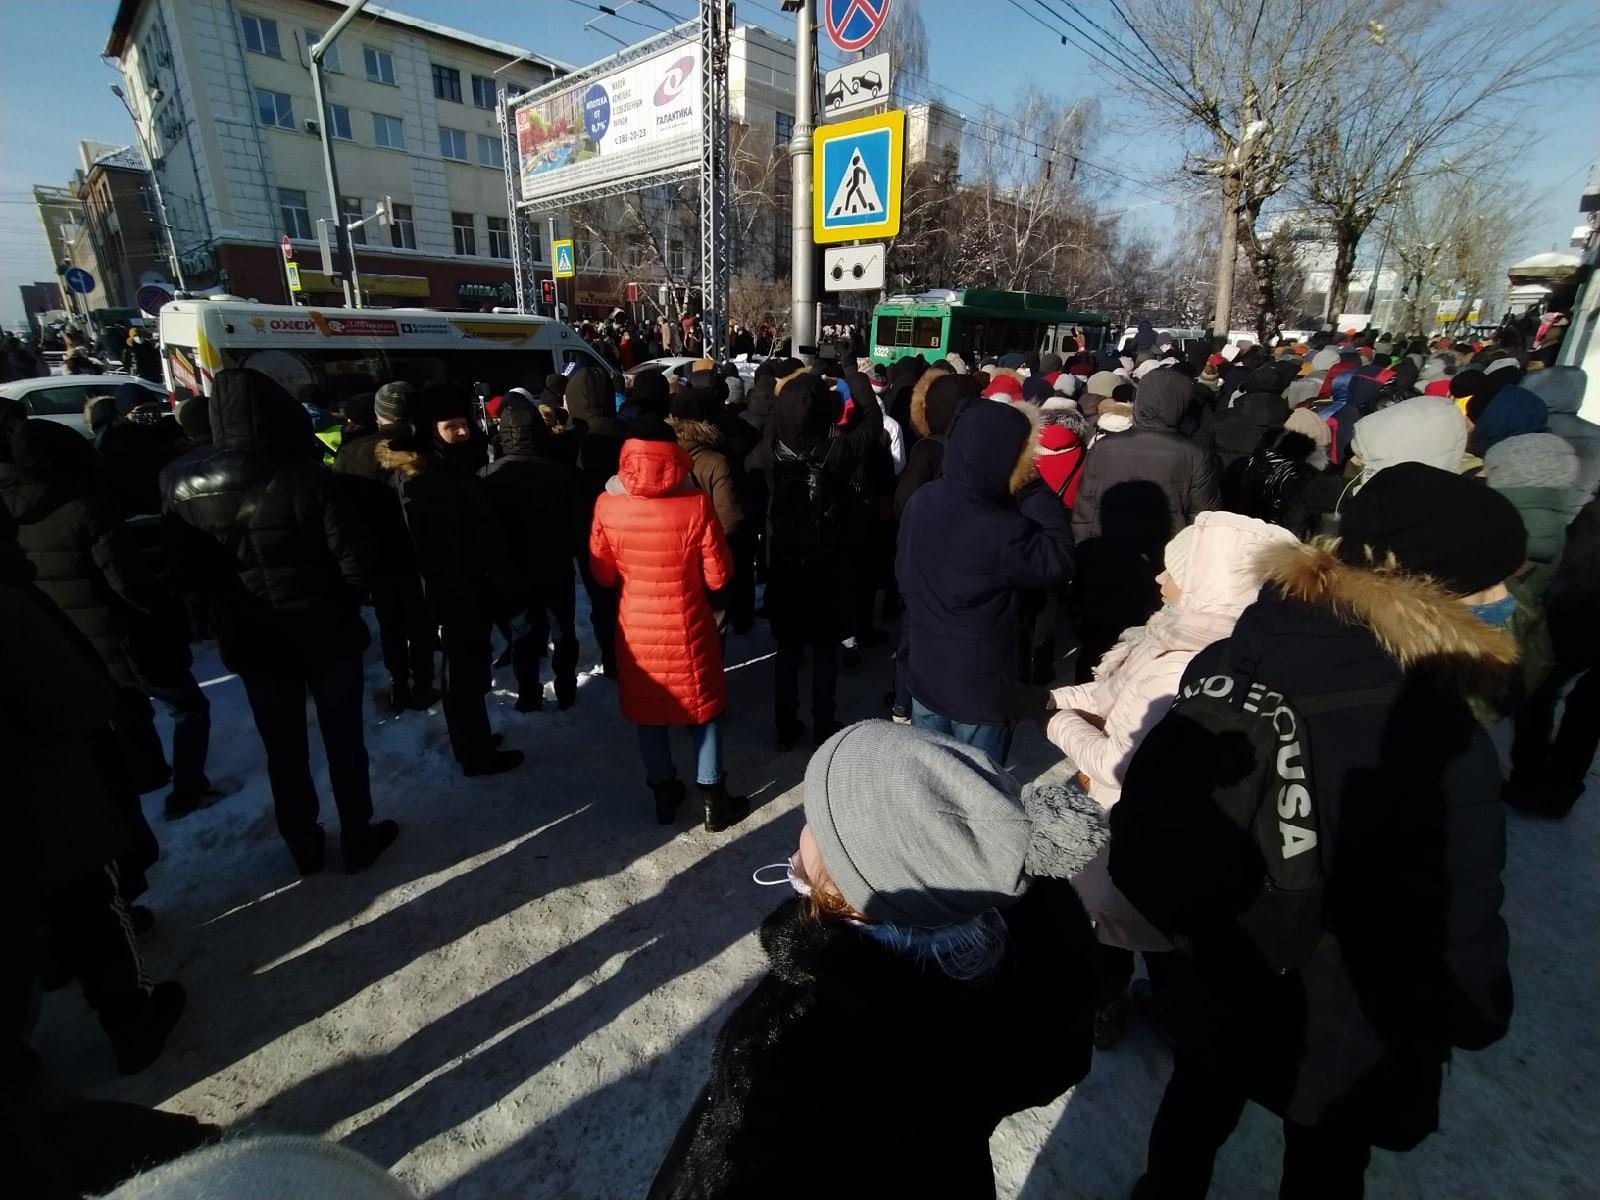 фото Участники незаконной акции в центре Новосибирска перекрыли Красный проспект 2